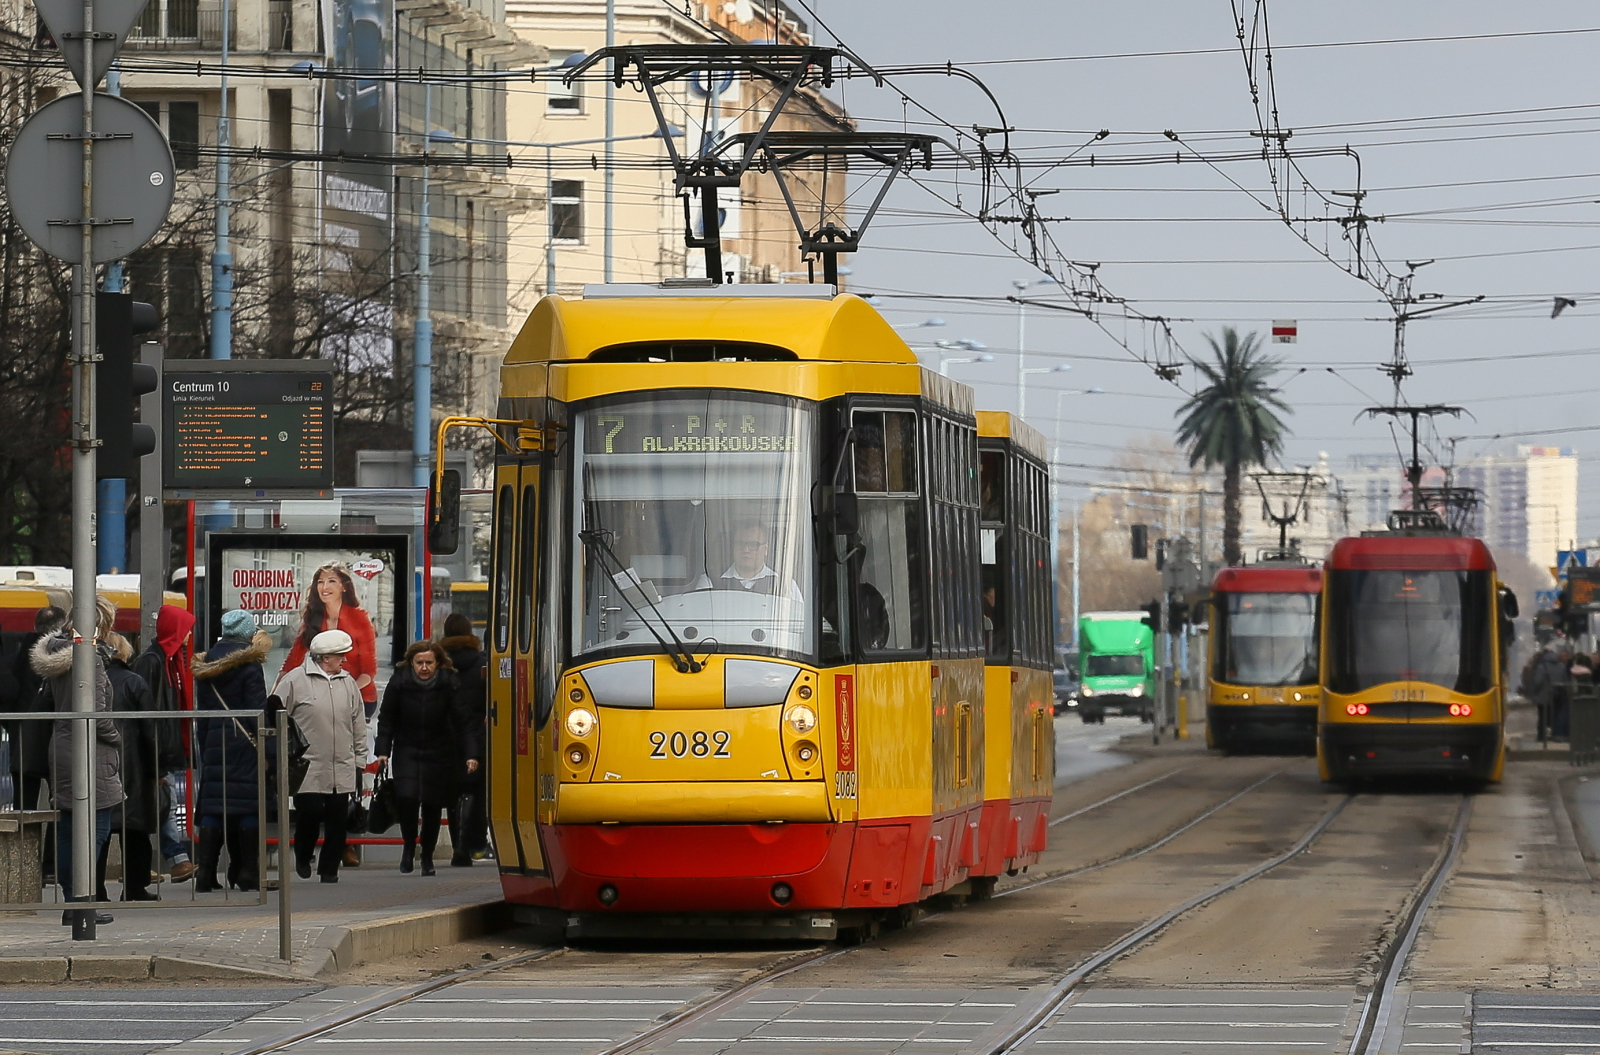 W Warszawie zapowiedziano wprowadzenie od 1 czerwca zmian w taryfie przewozowej. Fot. PAP/Paweł Supernak